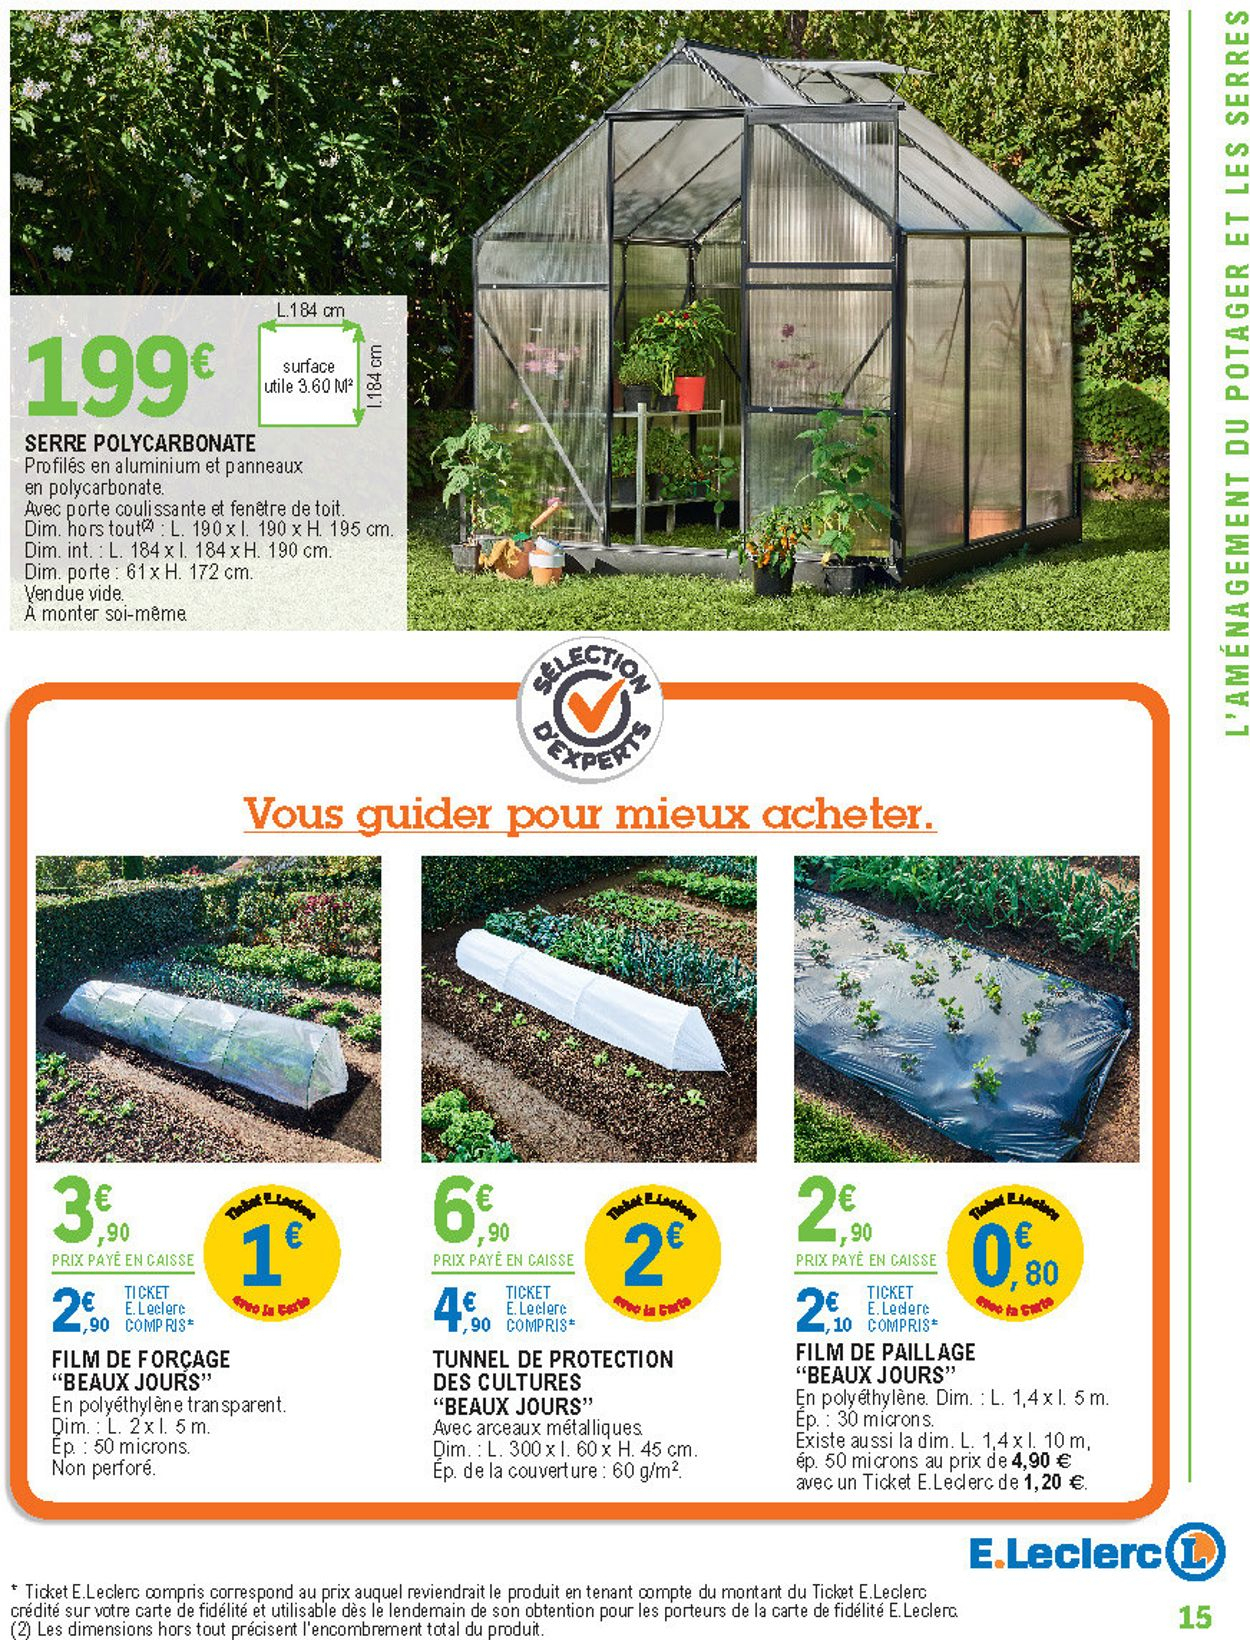 E.leclerc Catalogue Actuel 11.02 - 29.02.2020 [15 ... pour Serre De Jardin Polycarbonate Leclerc